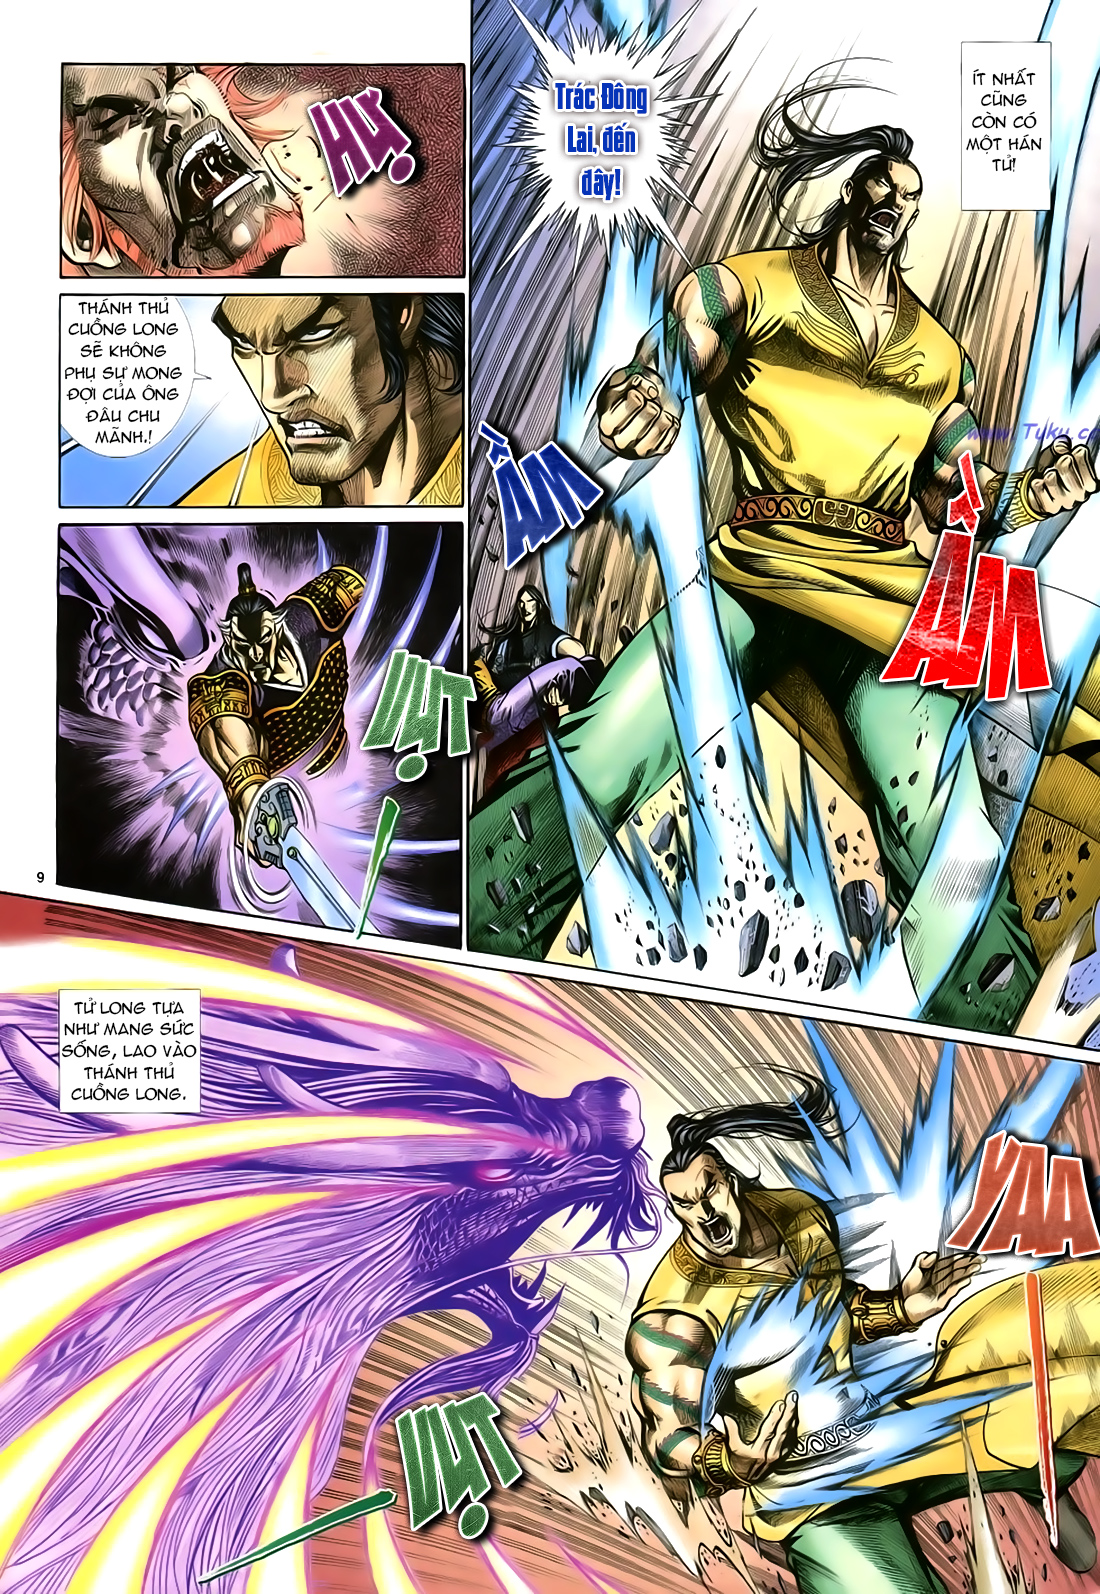 Anh hùng vô lệ Chap 23 trang 10